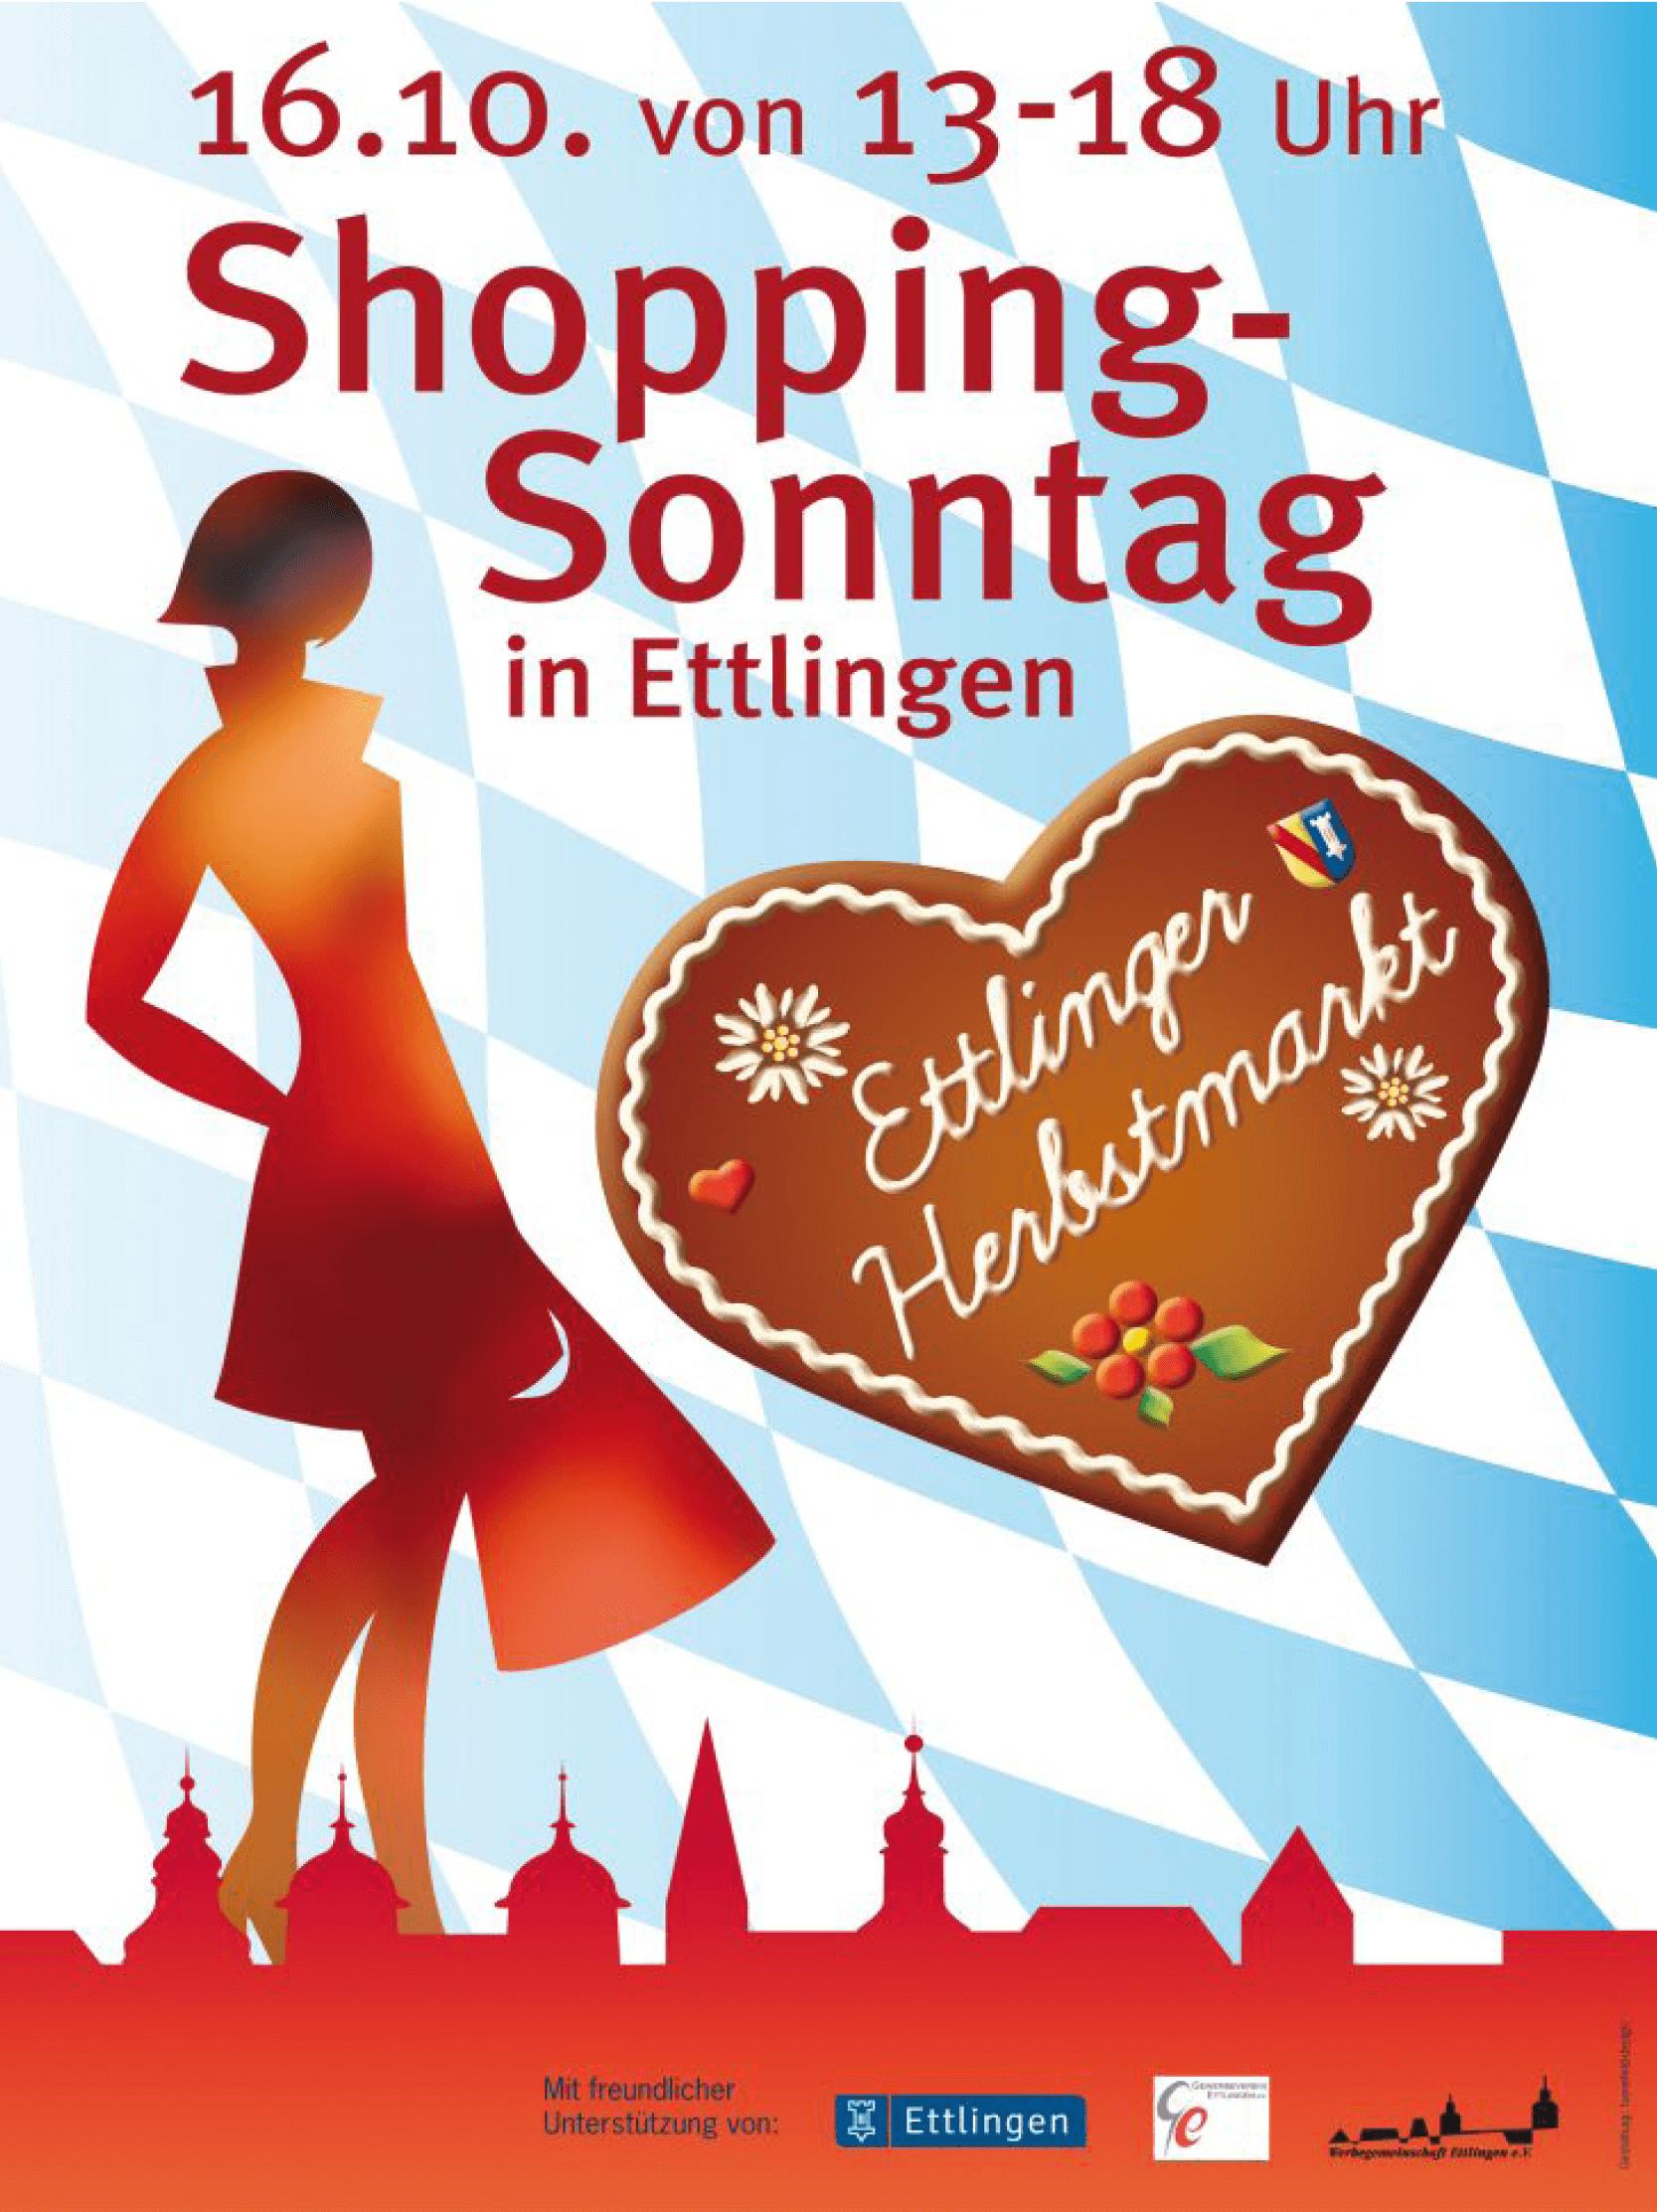 Verkaufsoffener Sonntag Ettlingen